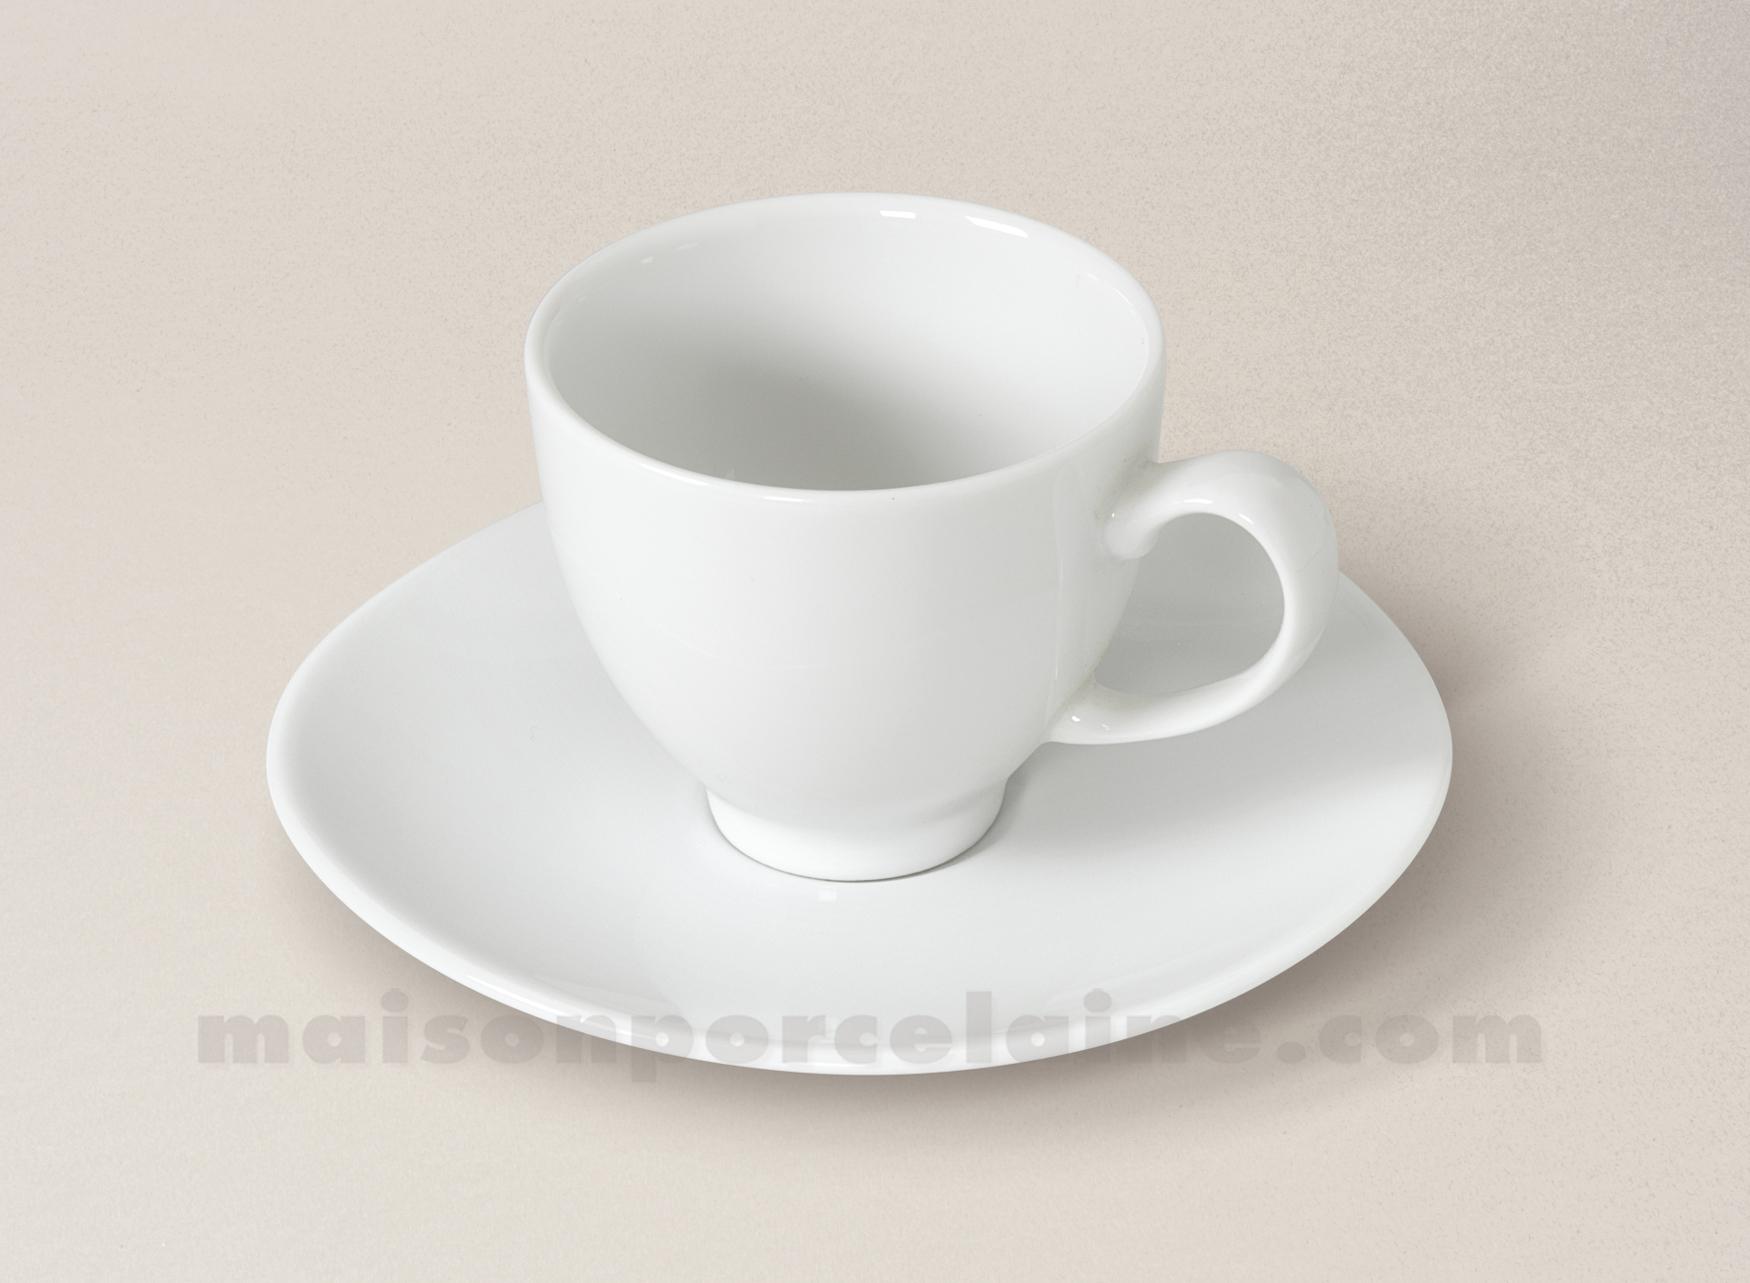 Tasse cafe soucoupe porcelaine blanche island 6 5x5 2 10cl for Maison de la porcelaine